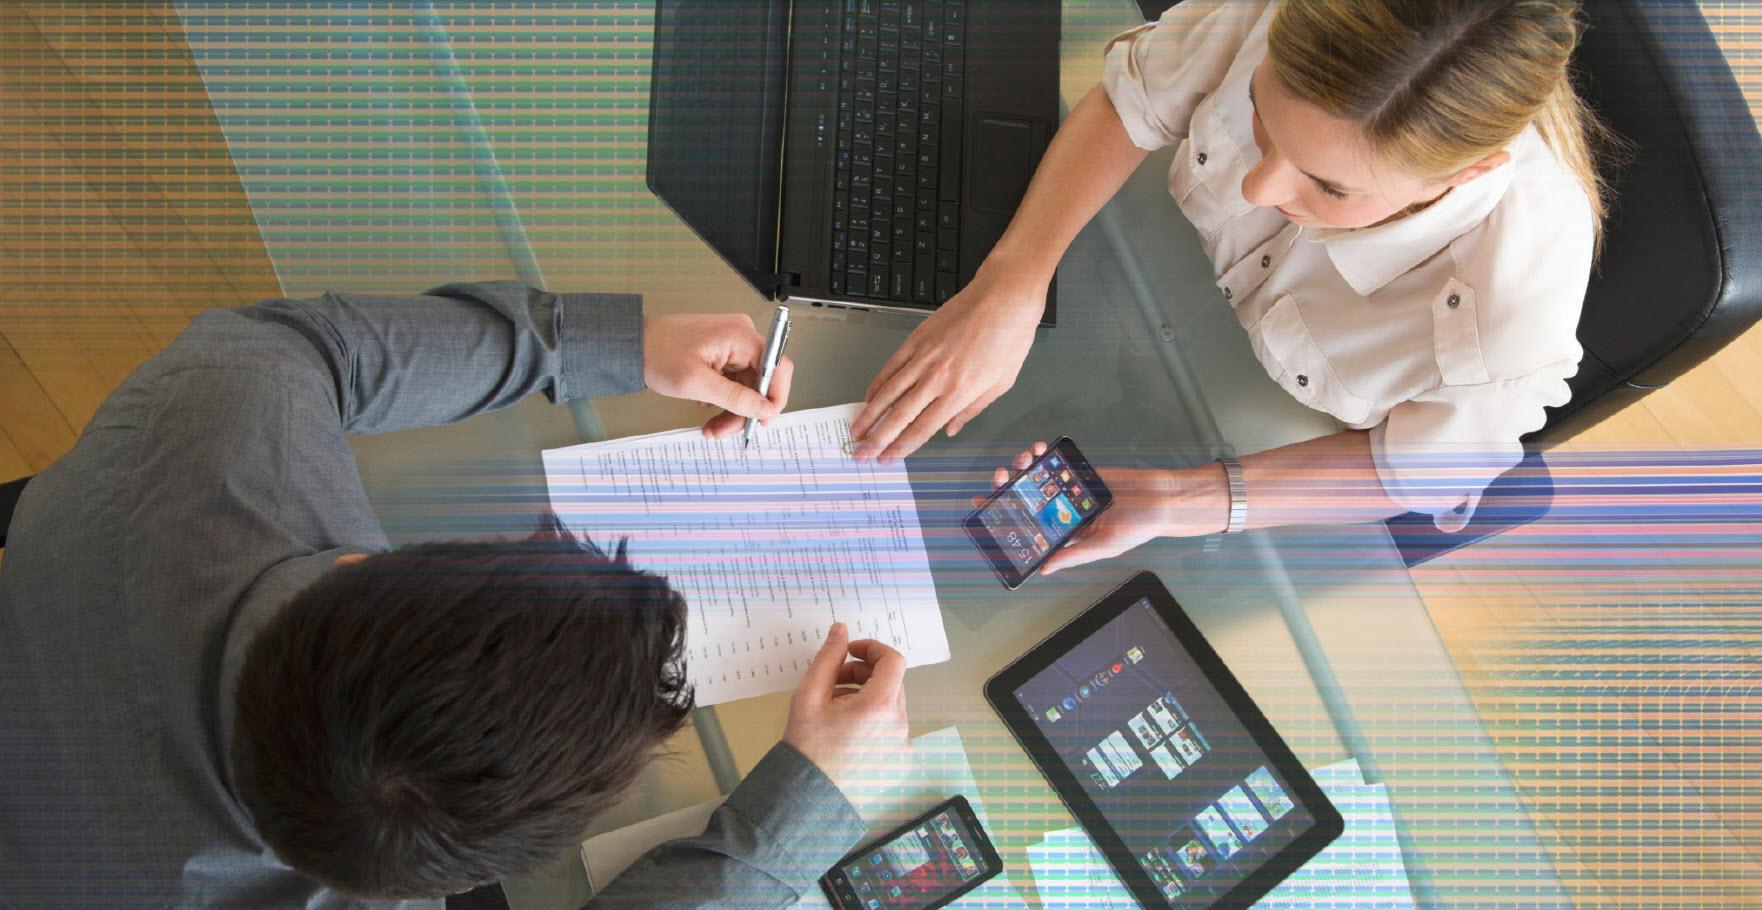 تحرک پذیری دستگاههای تلفن همراه در شرکتها